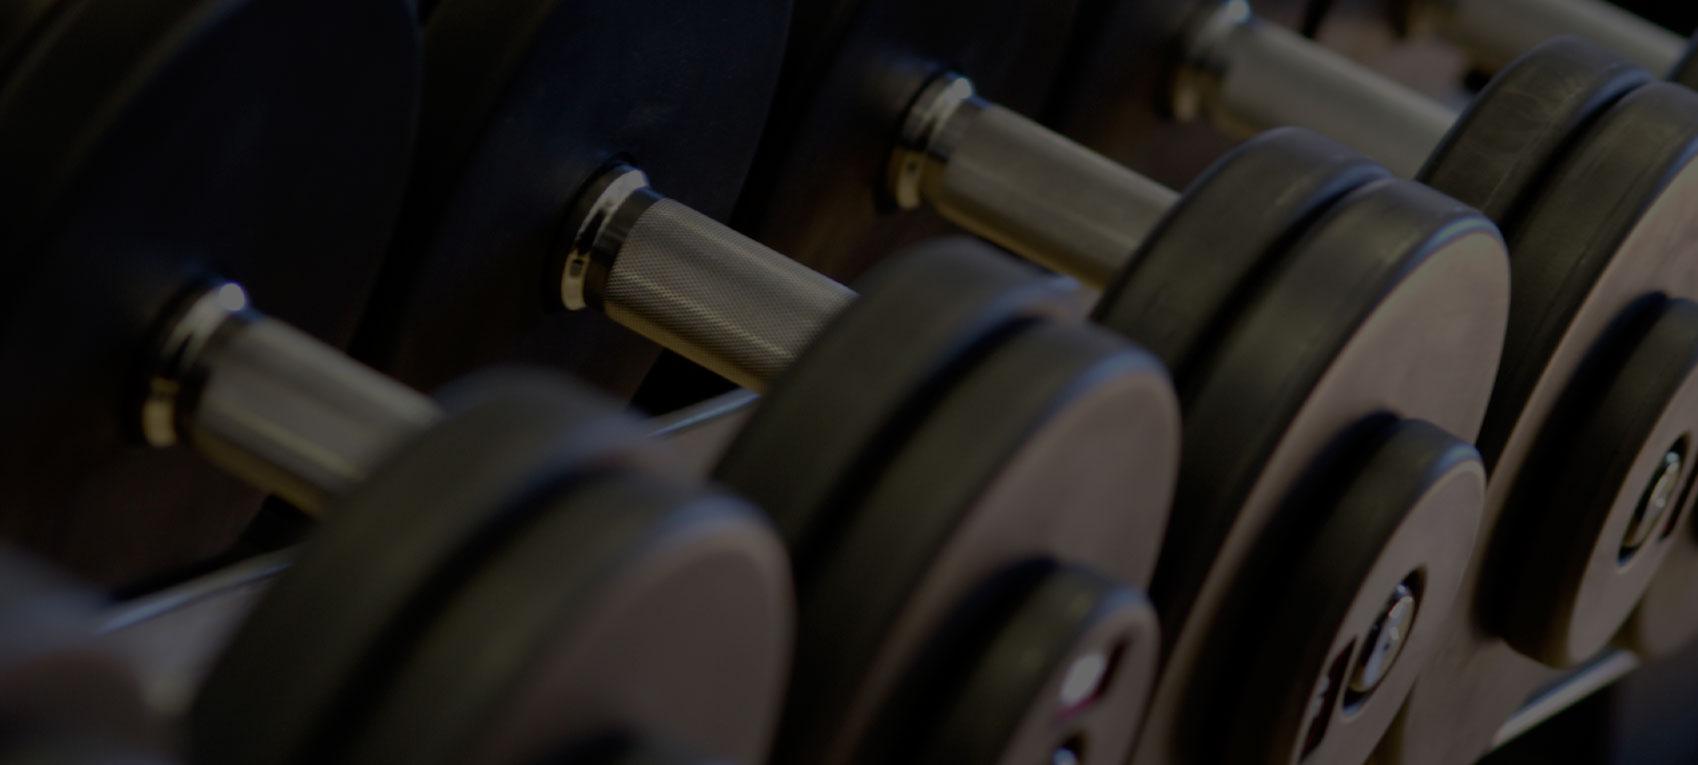 weightsTopBlack